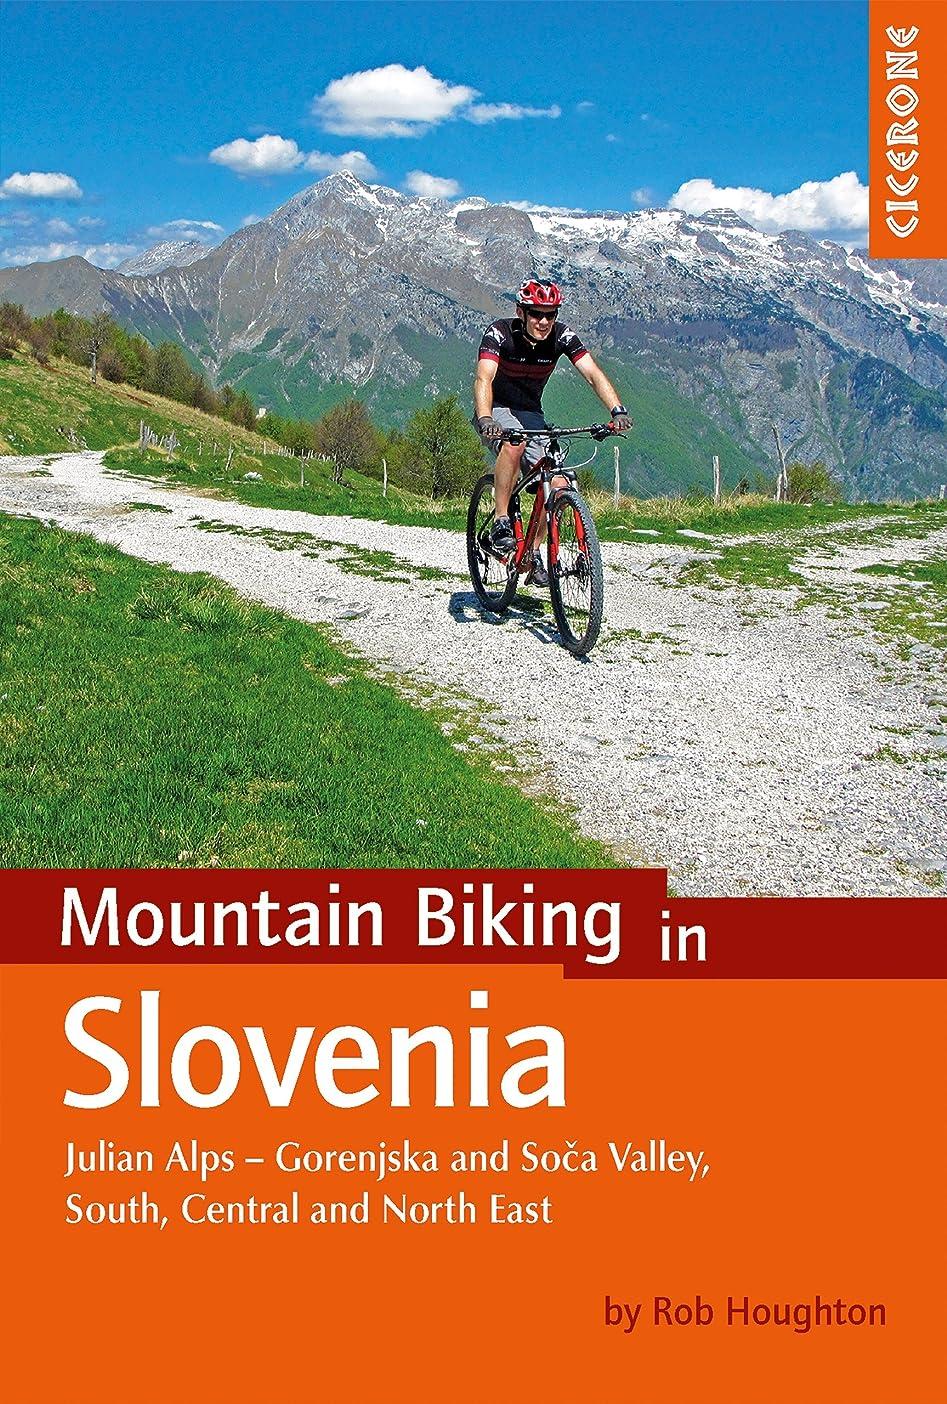 トピックロケット襟Mountain Biking in Slovenia: Julian Alps - Gorenjska and Soca Valley, South, Central and North East (Cicerone Mountain Biking Guides) (English Edition)